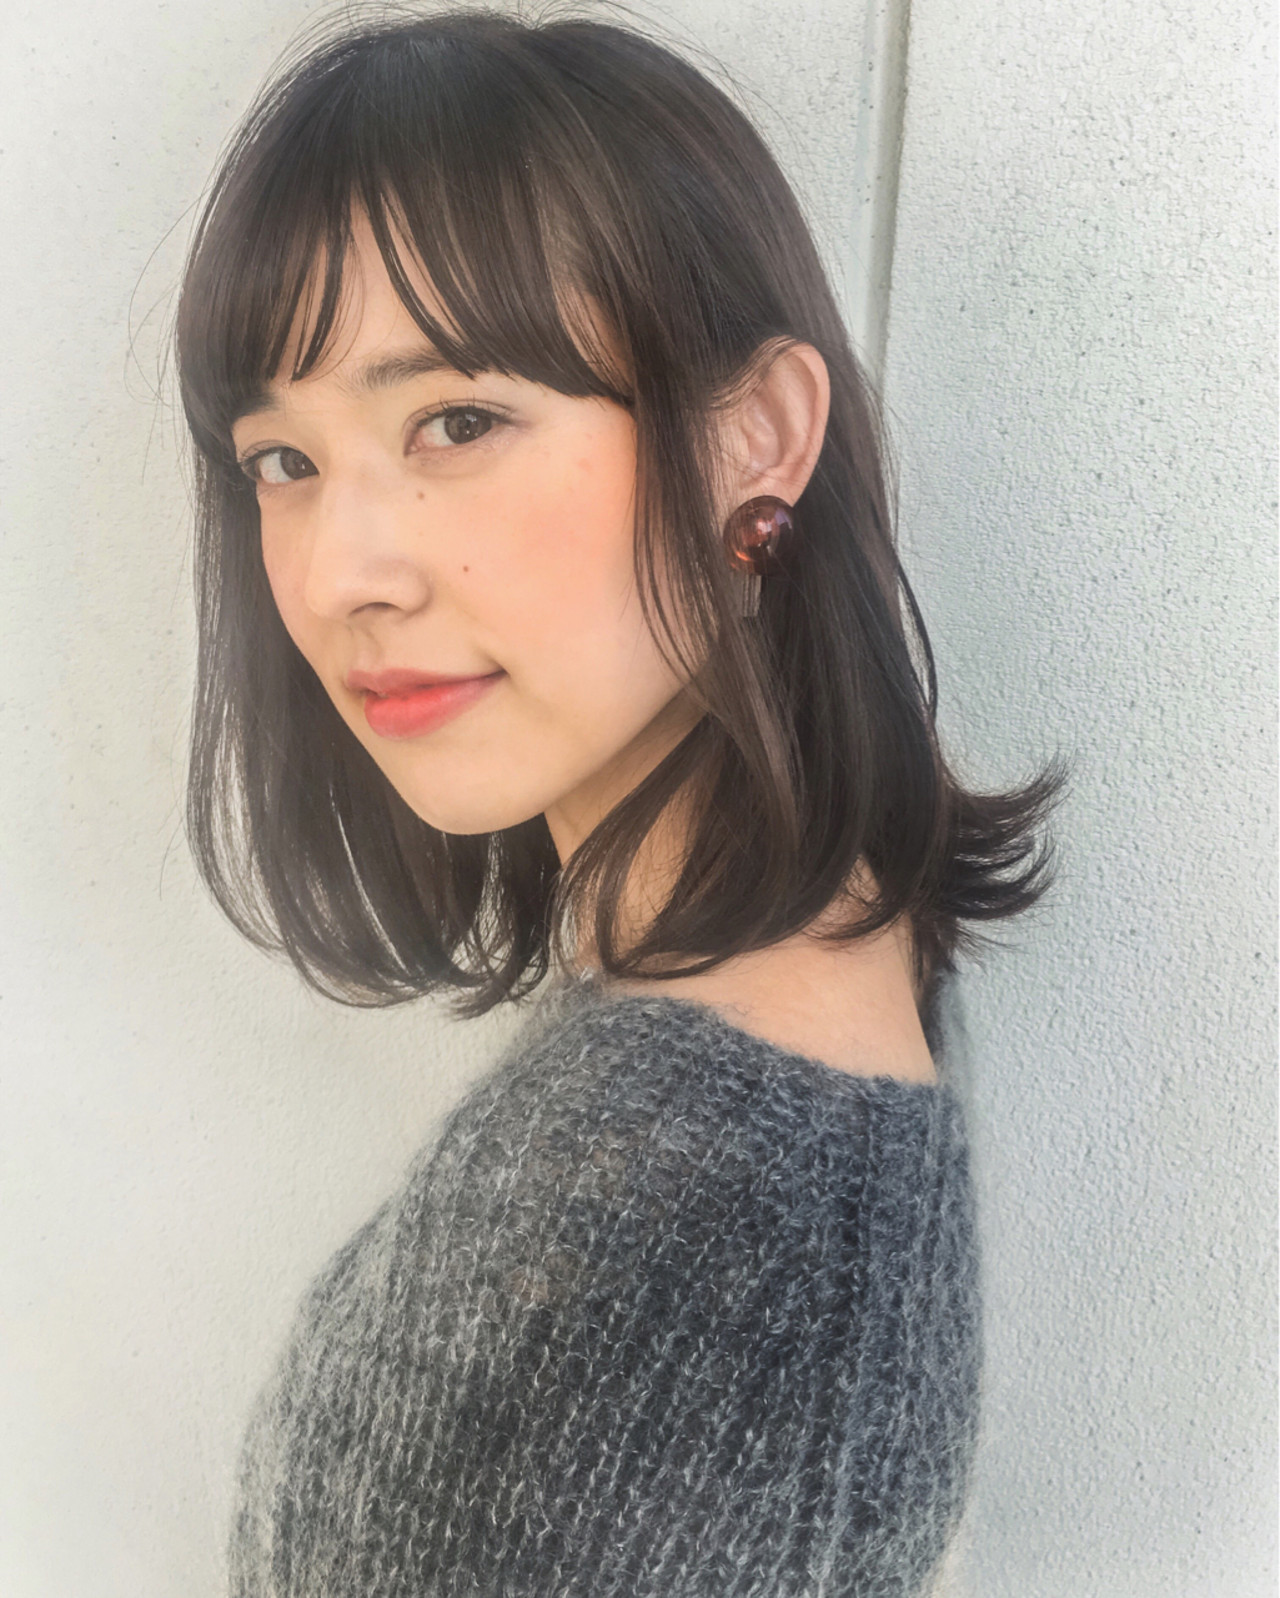 レイヤーを付けてあげれば大人の女性らしさUP GARDEN harajyuku 細田 | GARDEN harajyuku